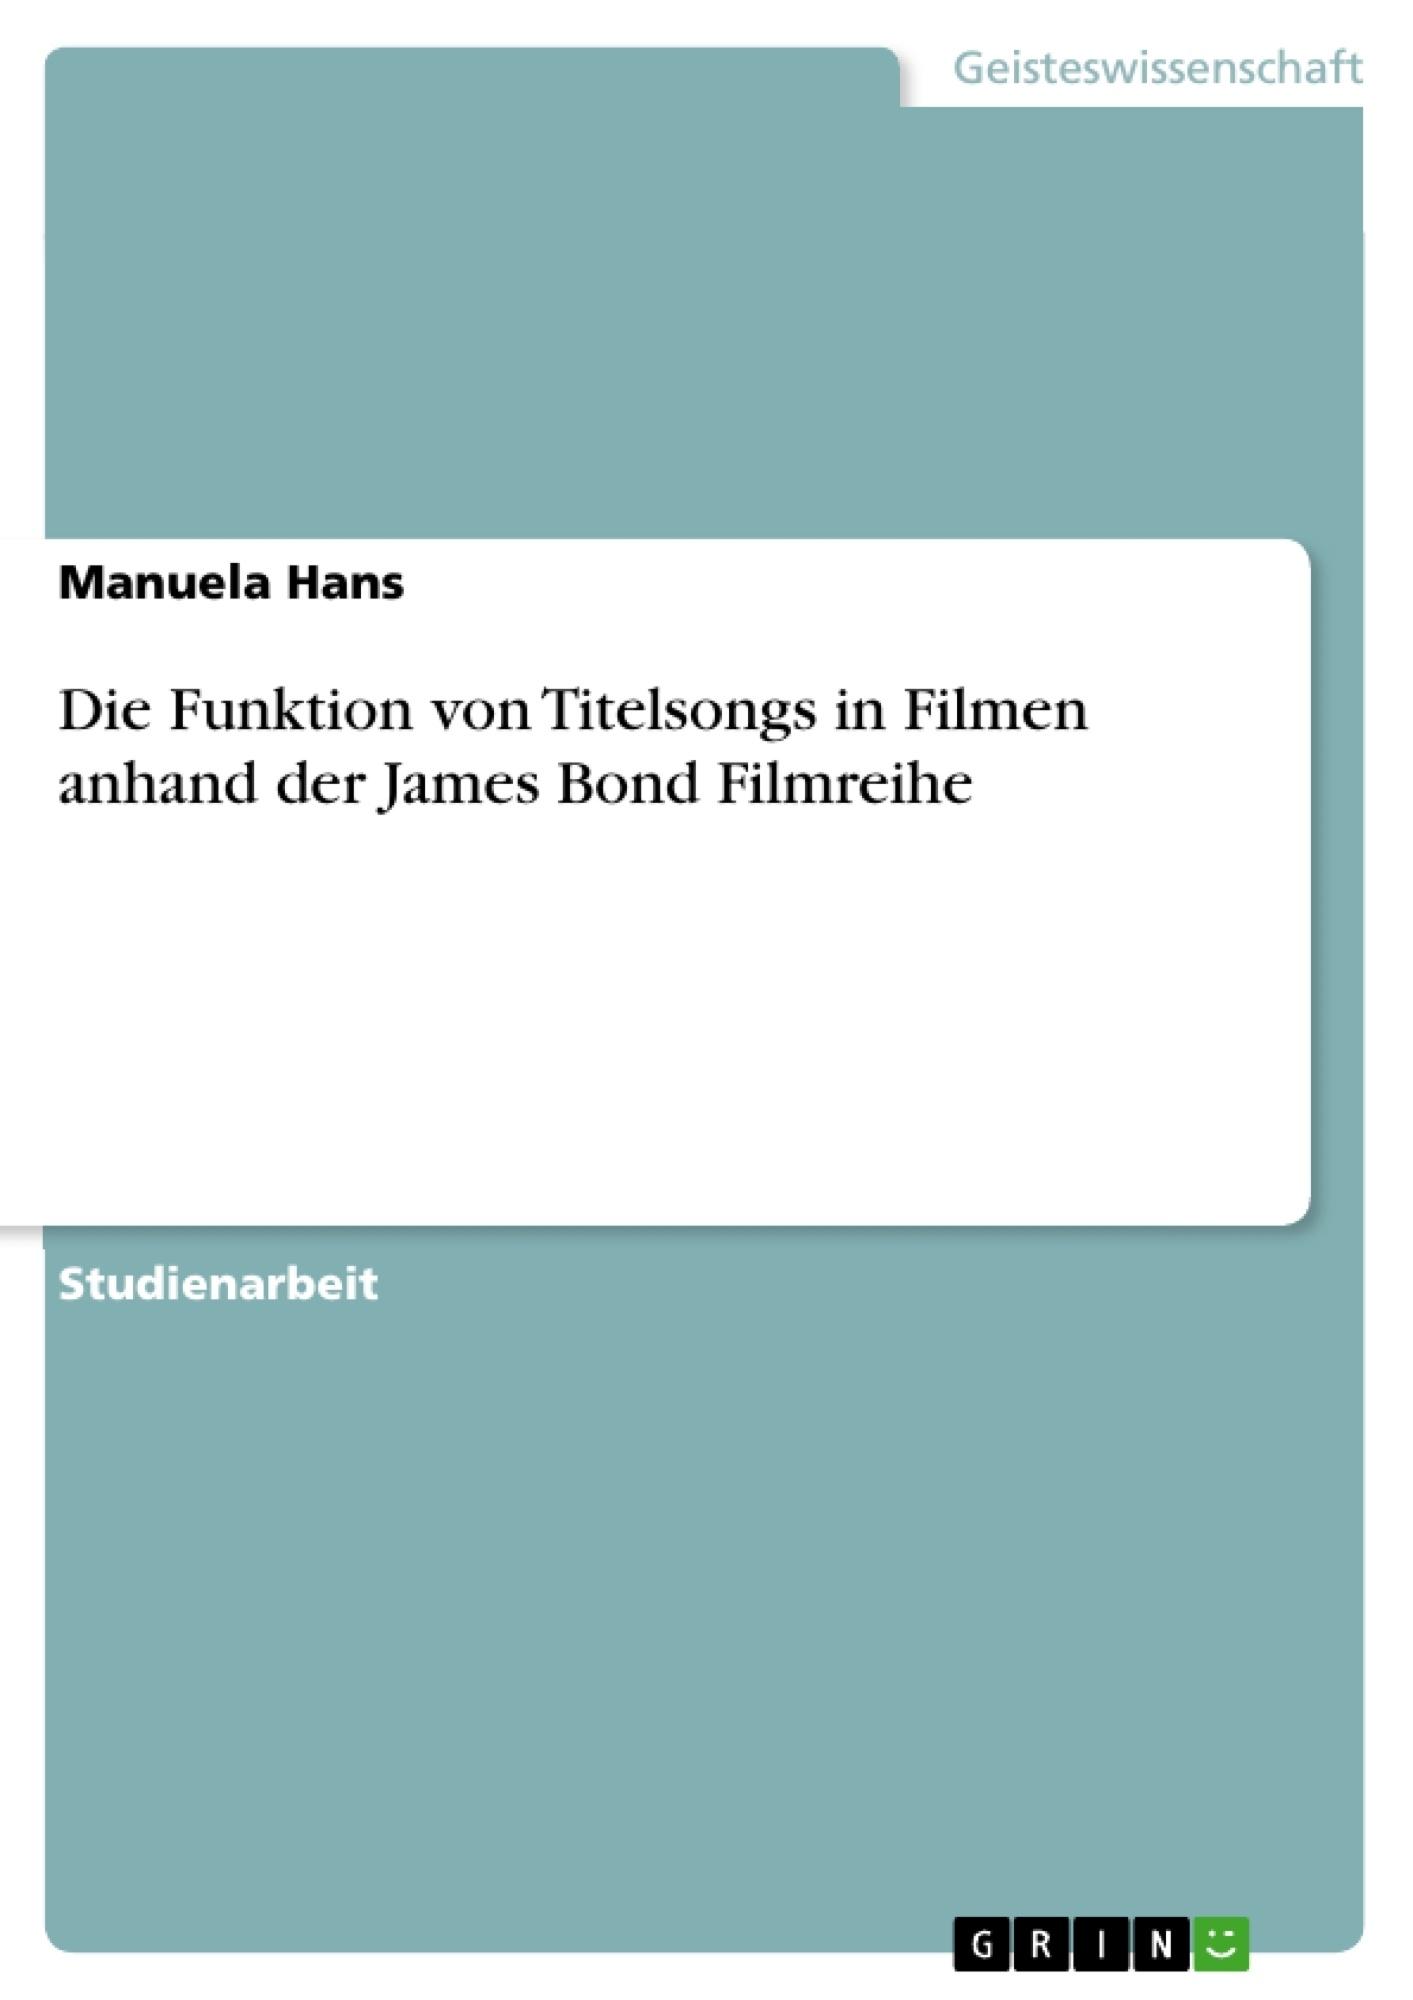 Titel: Die Funktion von Titelsongs in Filmen anhand der James Bond Filmreihe